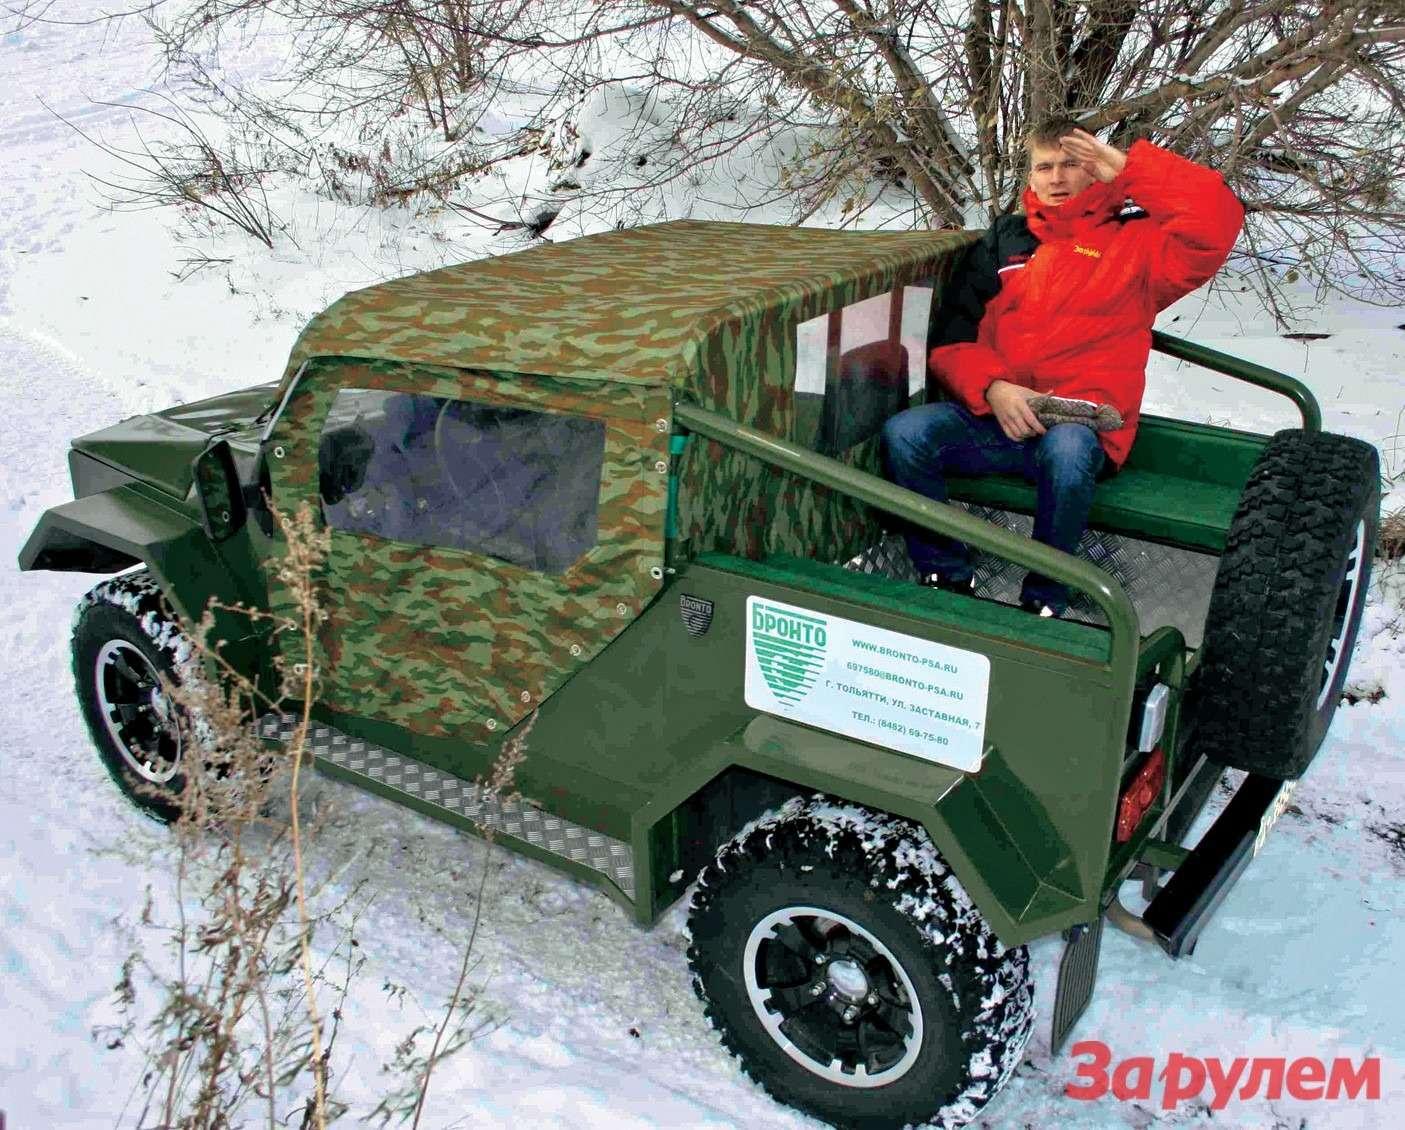 В кузовке может разместиться личный состав или легкое вооружение.